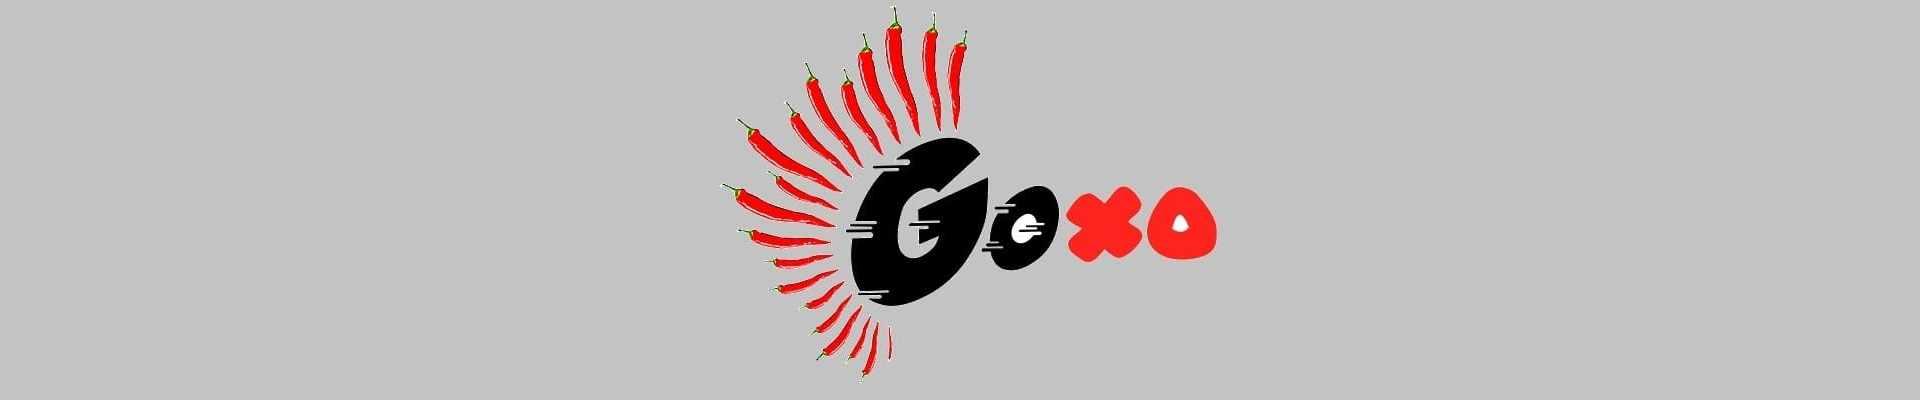 El GoXO a domicilio abre sus puertas en Barcelona